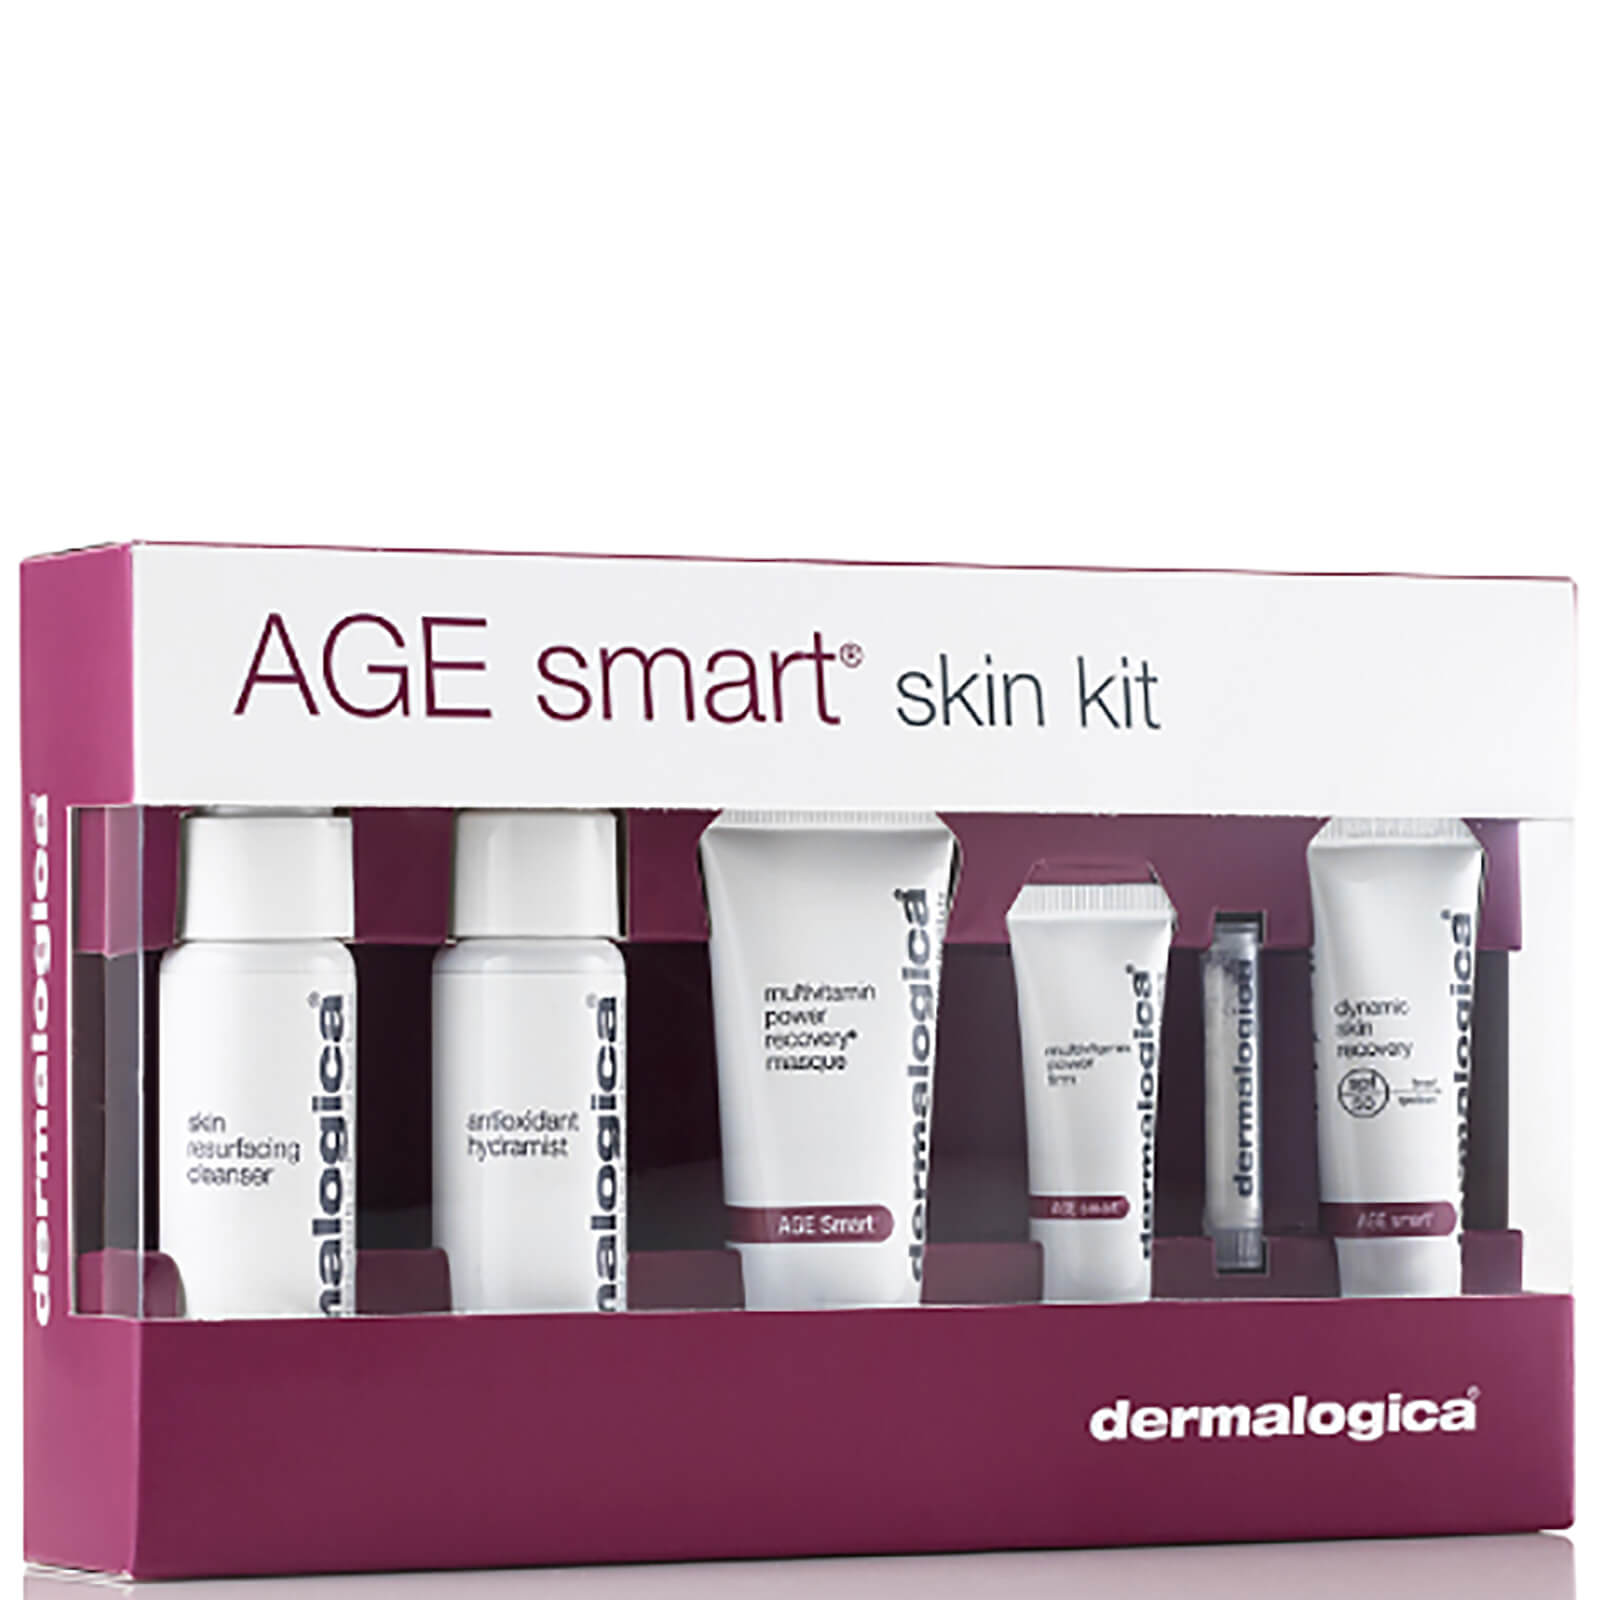 dermalogica skin kit